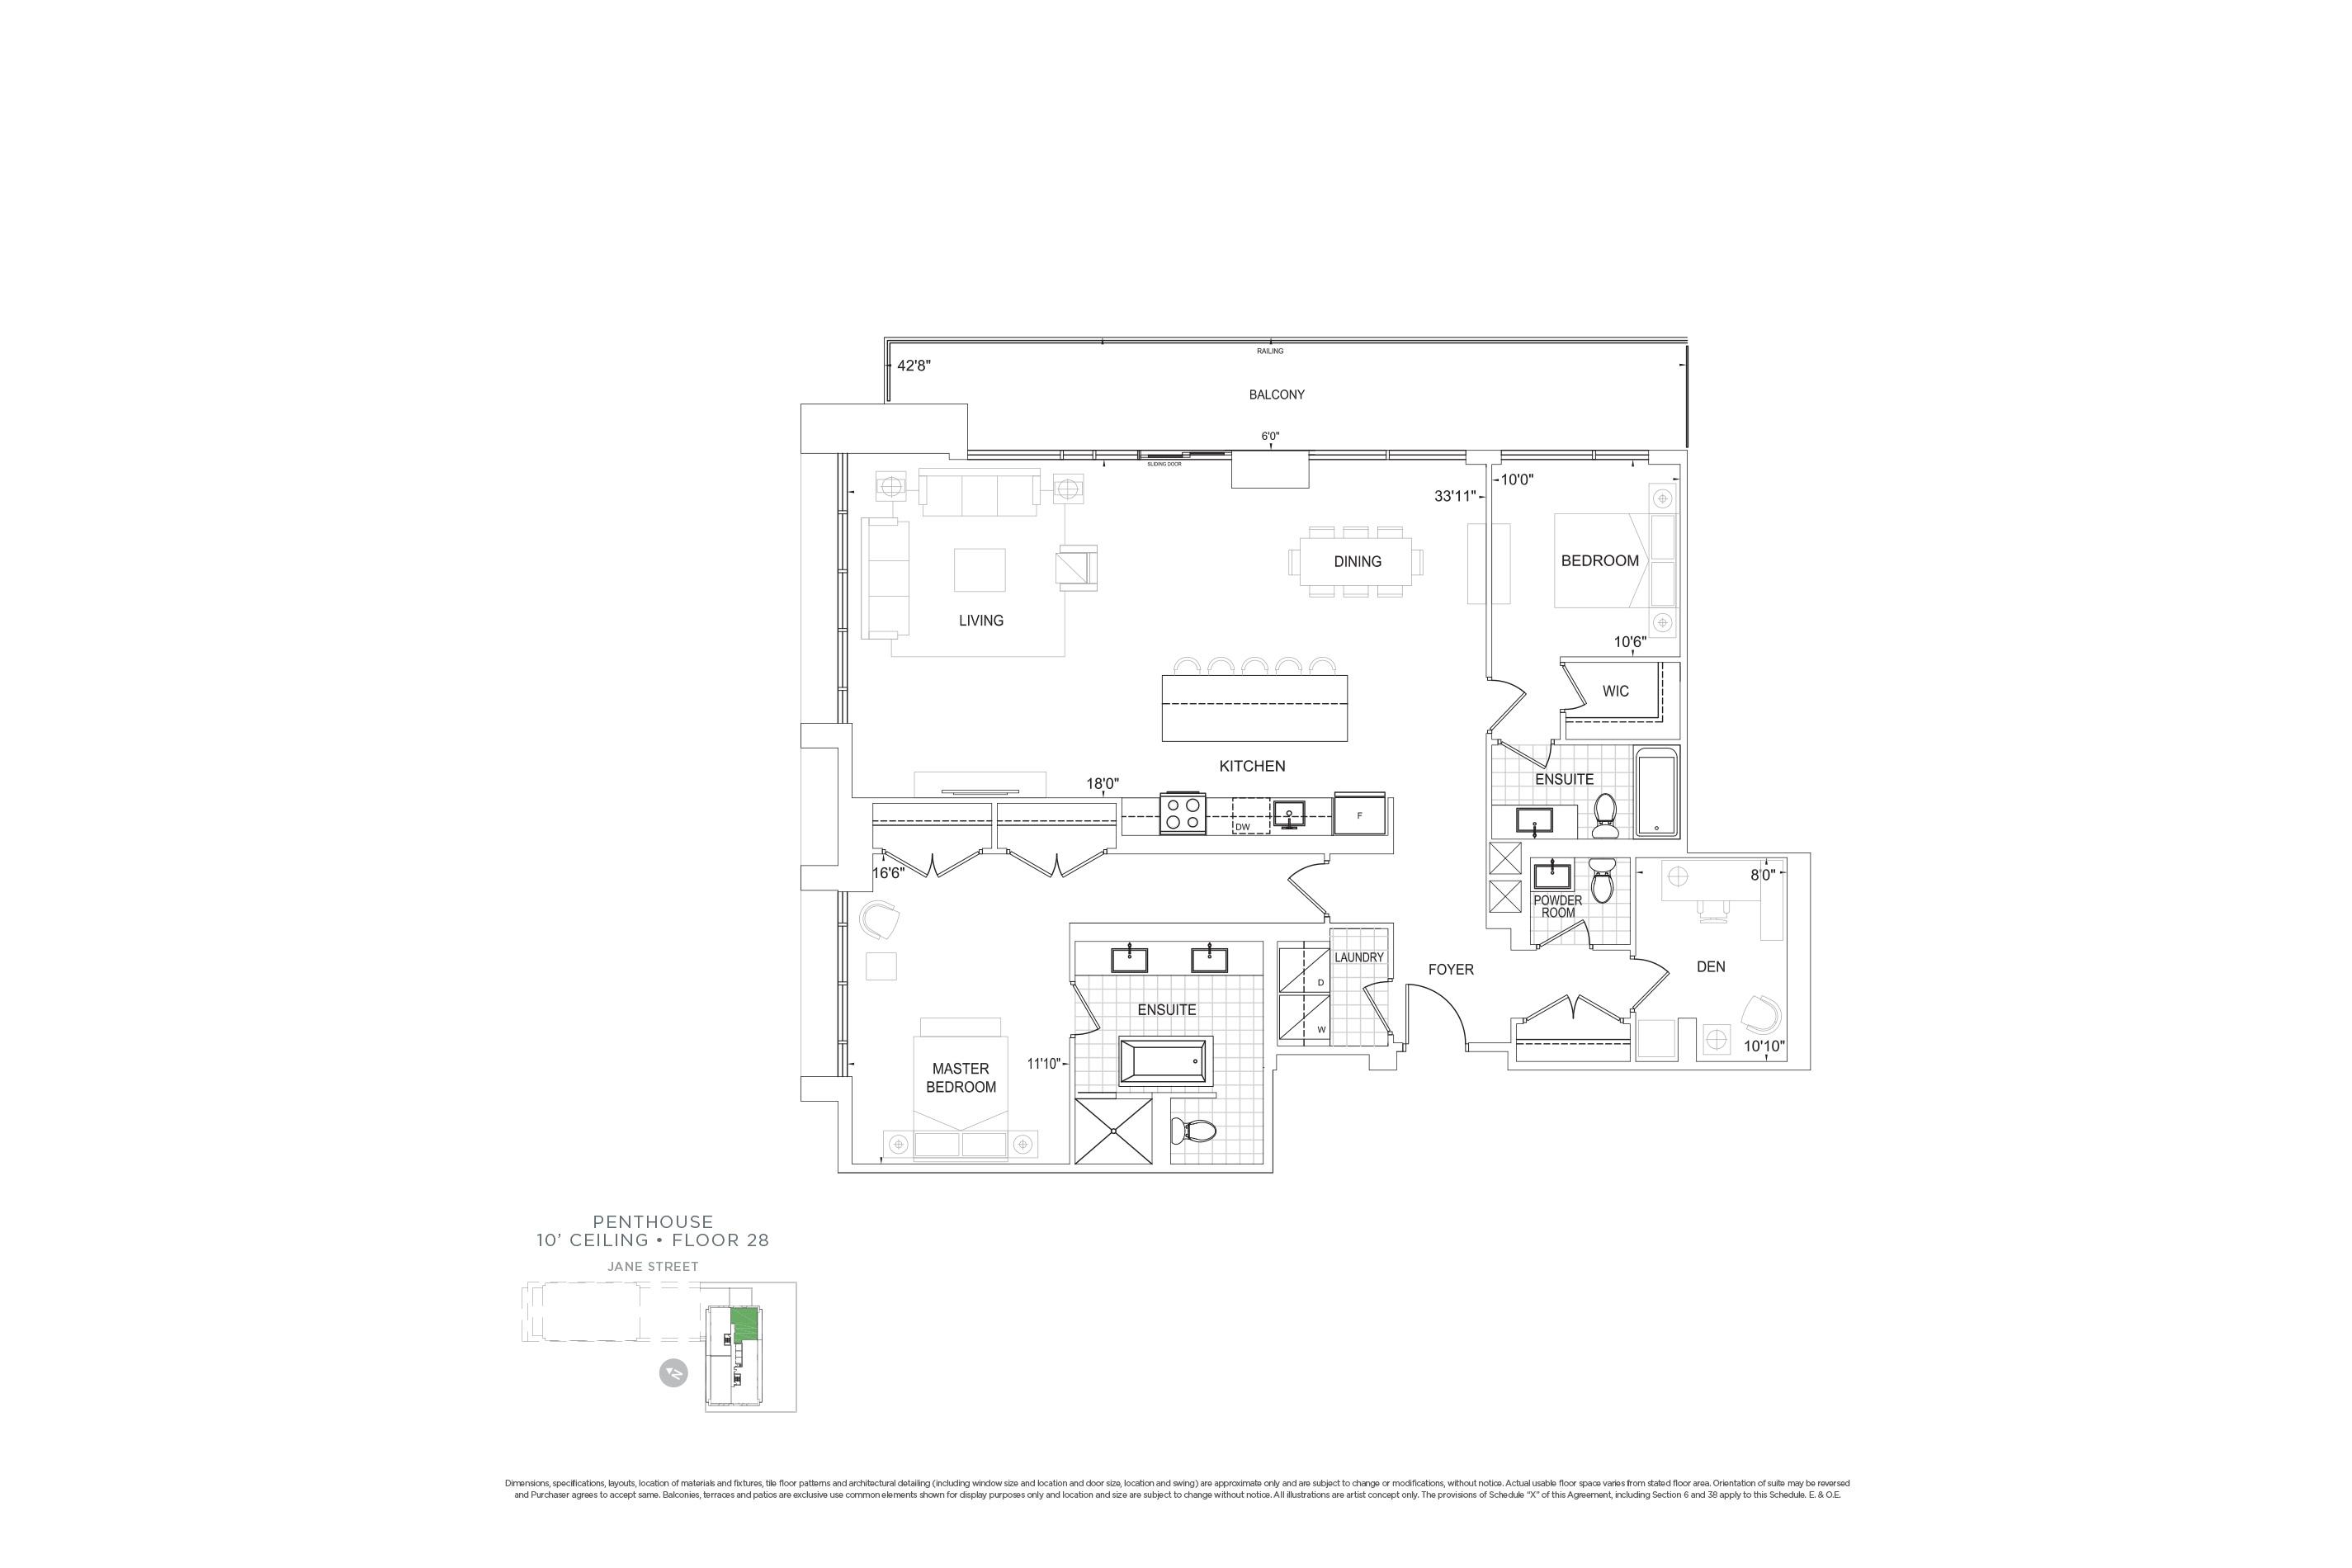 D1704 Penthouse Units